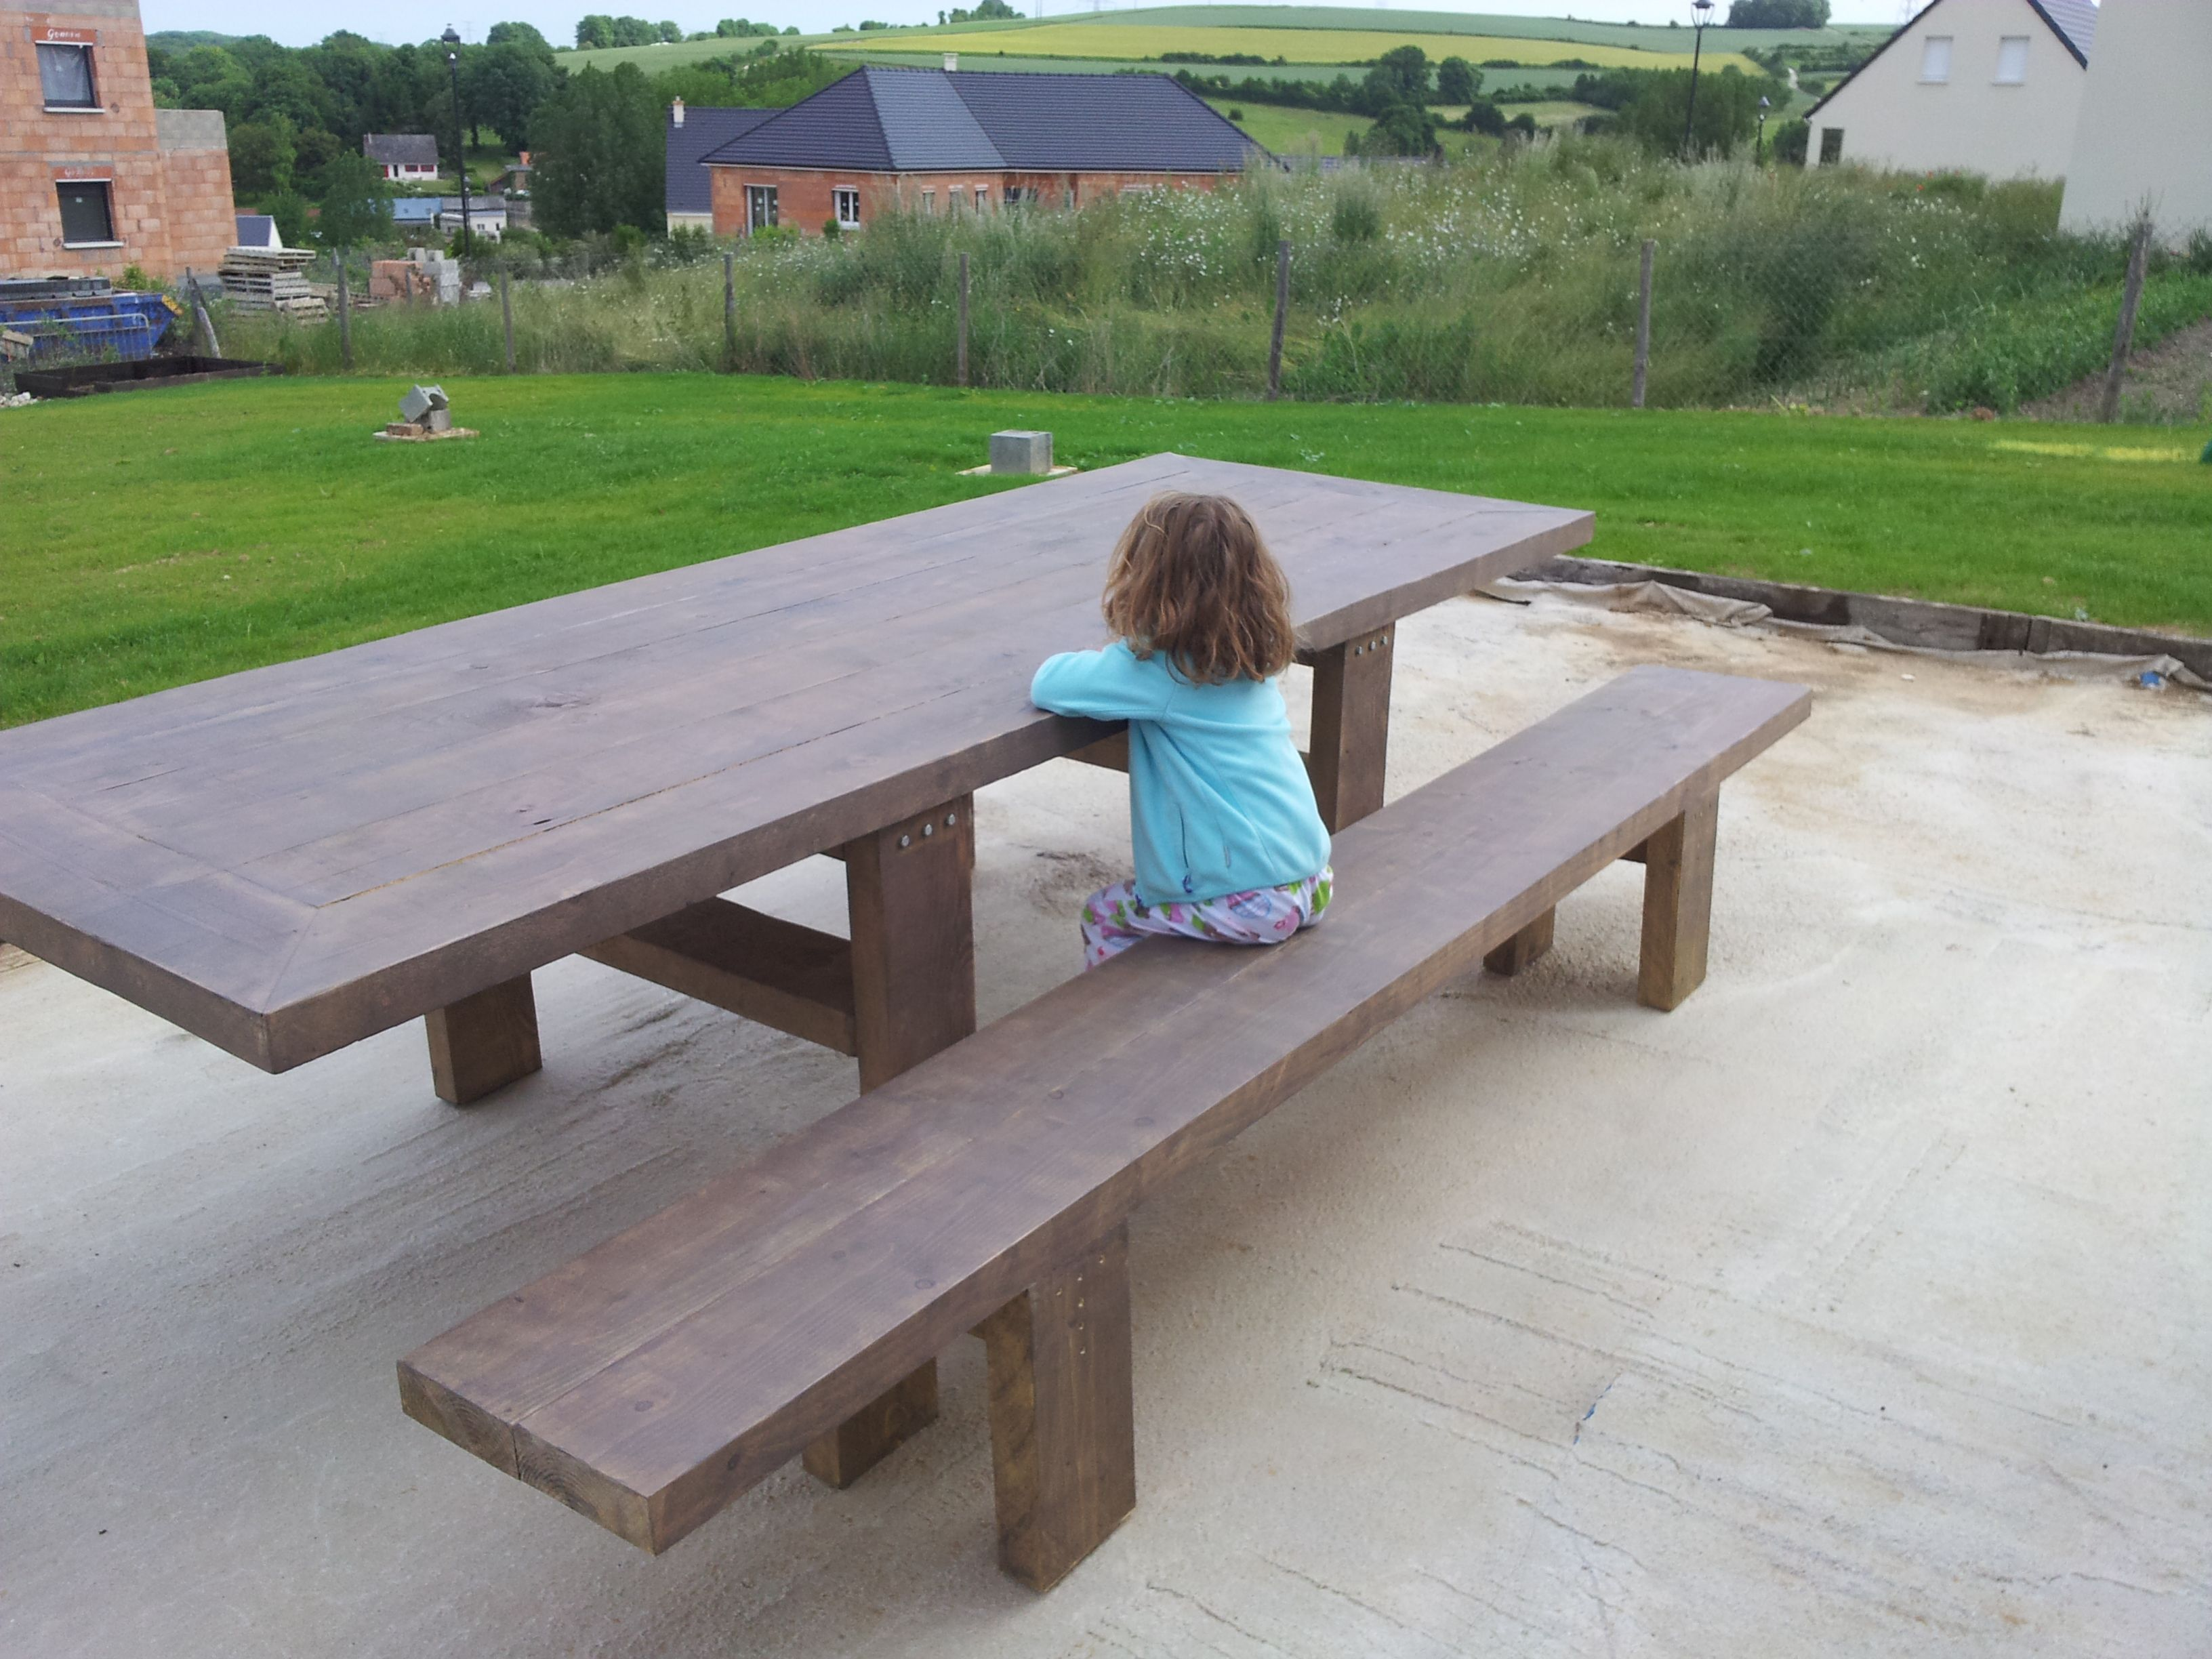 Banc et table de jardin 3m x 1m en bastaing instructions - Table et banc de jardin ...